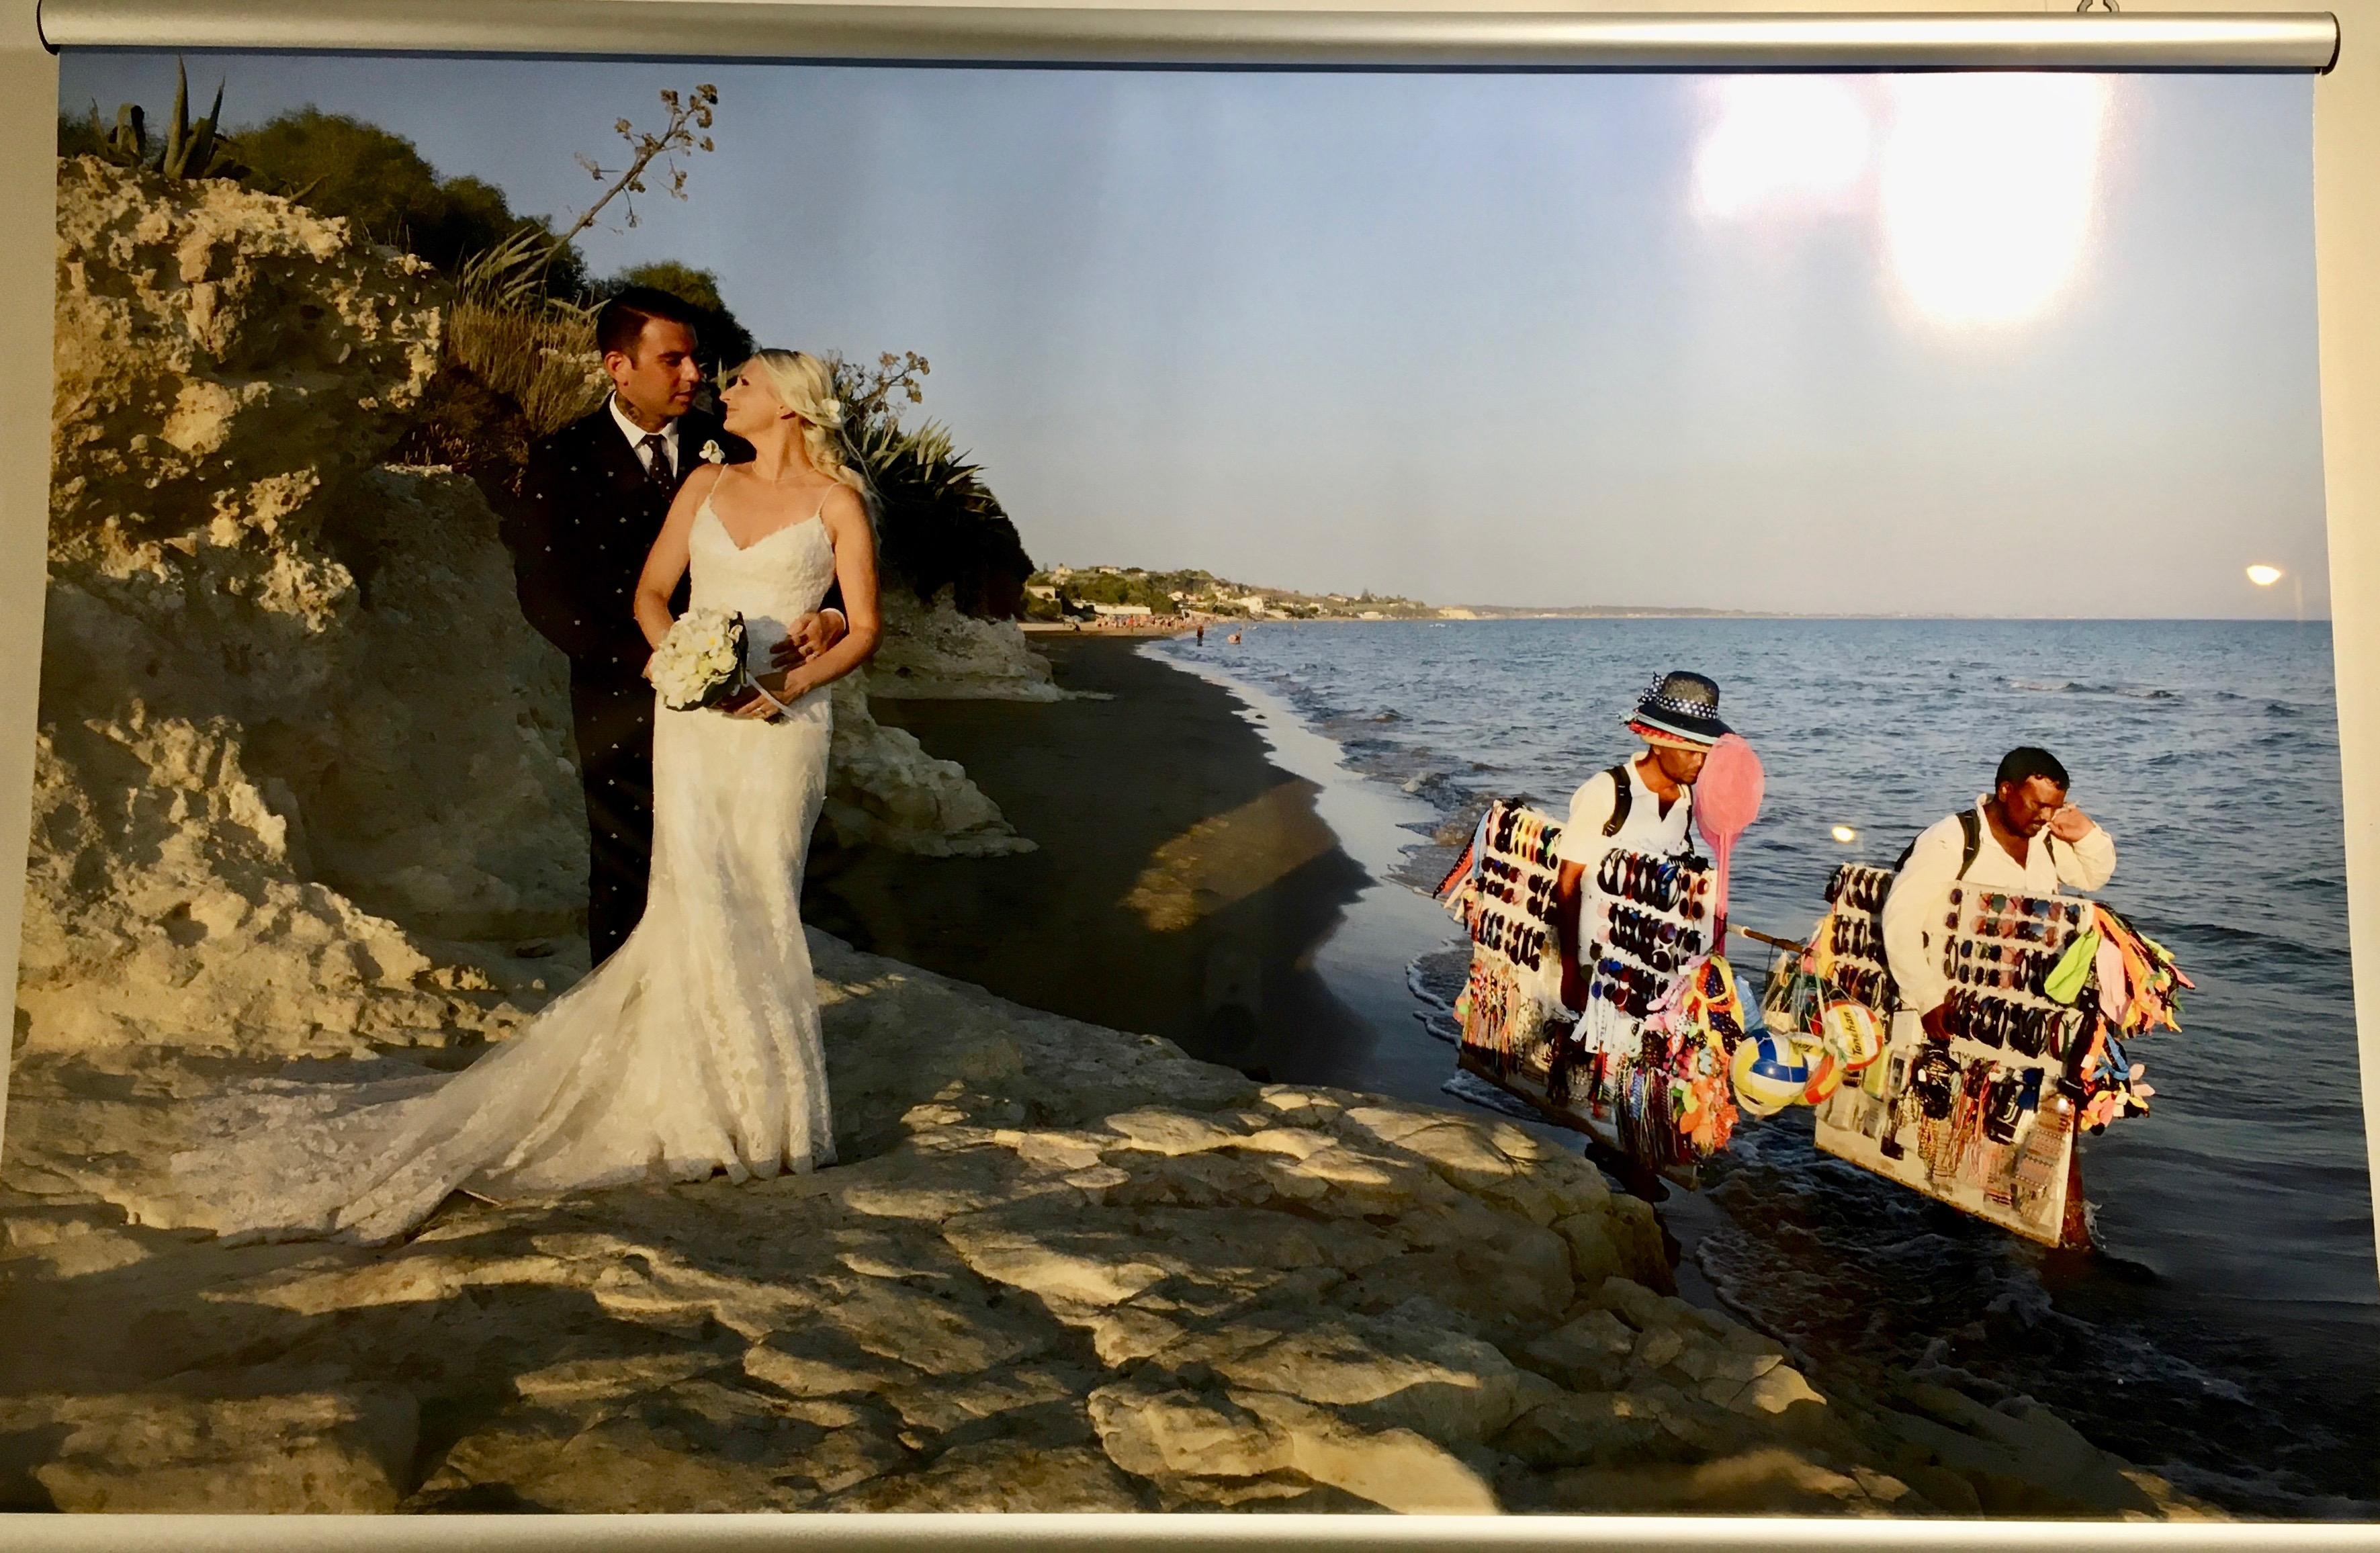 Bildkopie Hochzeitsfoto Fotoshooting